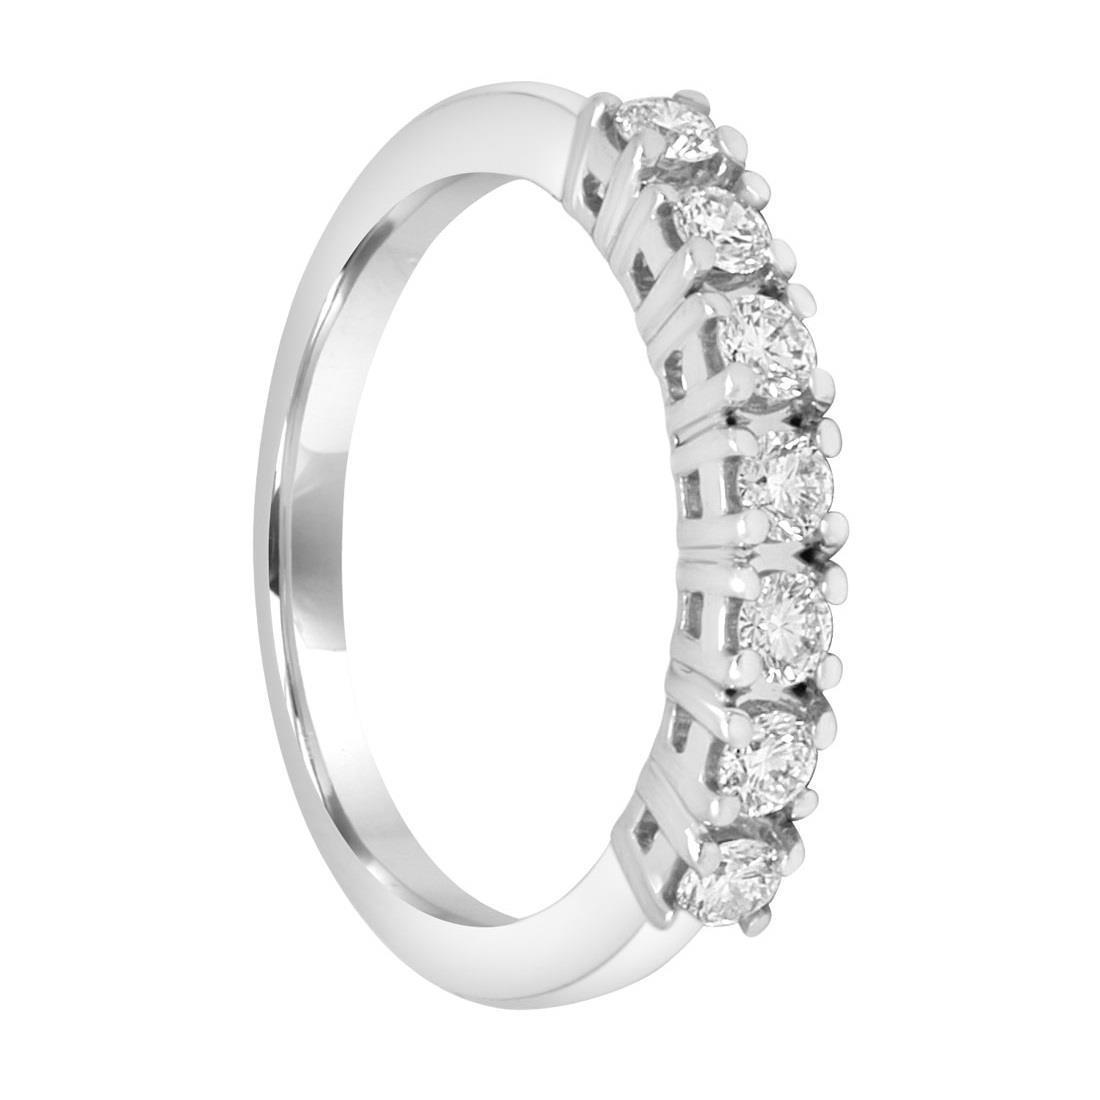 Anello veretta 7 pietre, diamanti ct. 0,95 - ORO&CO